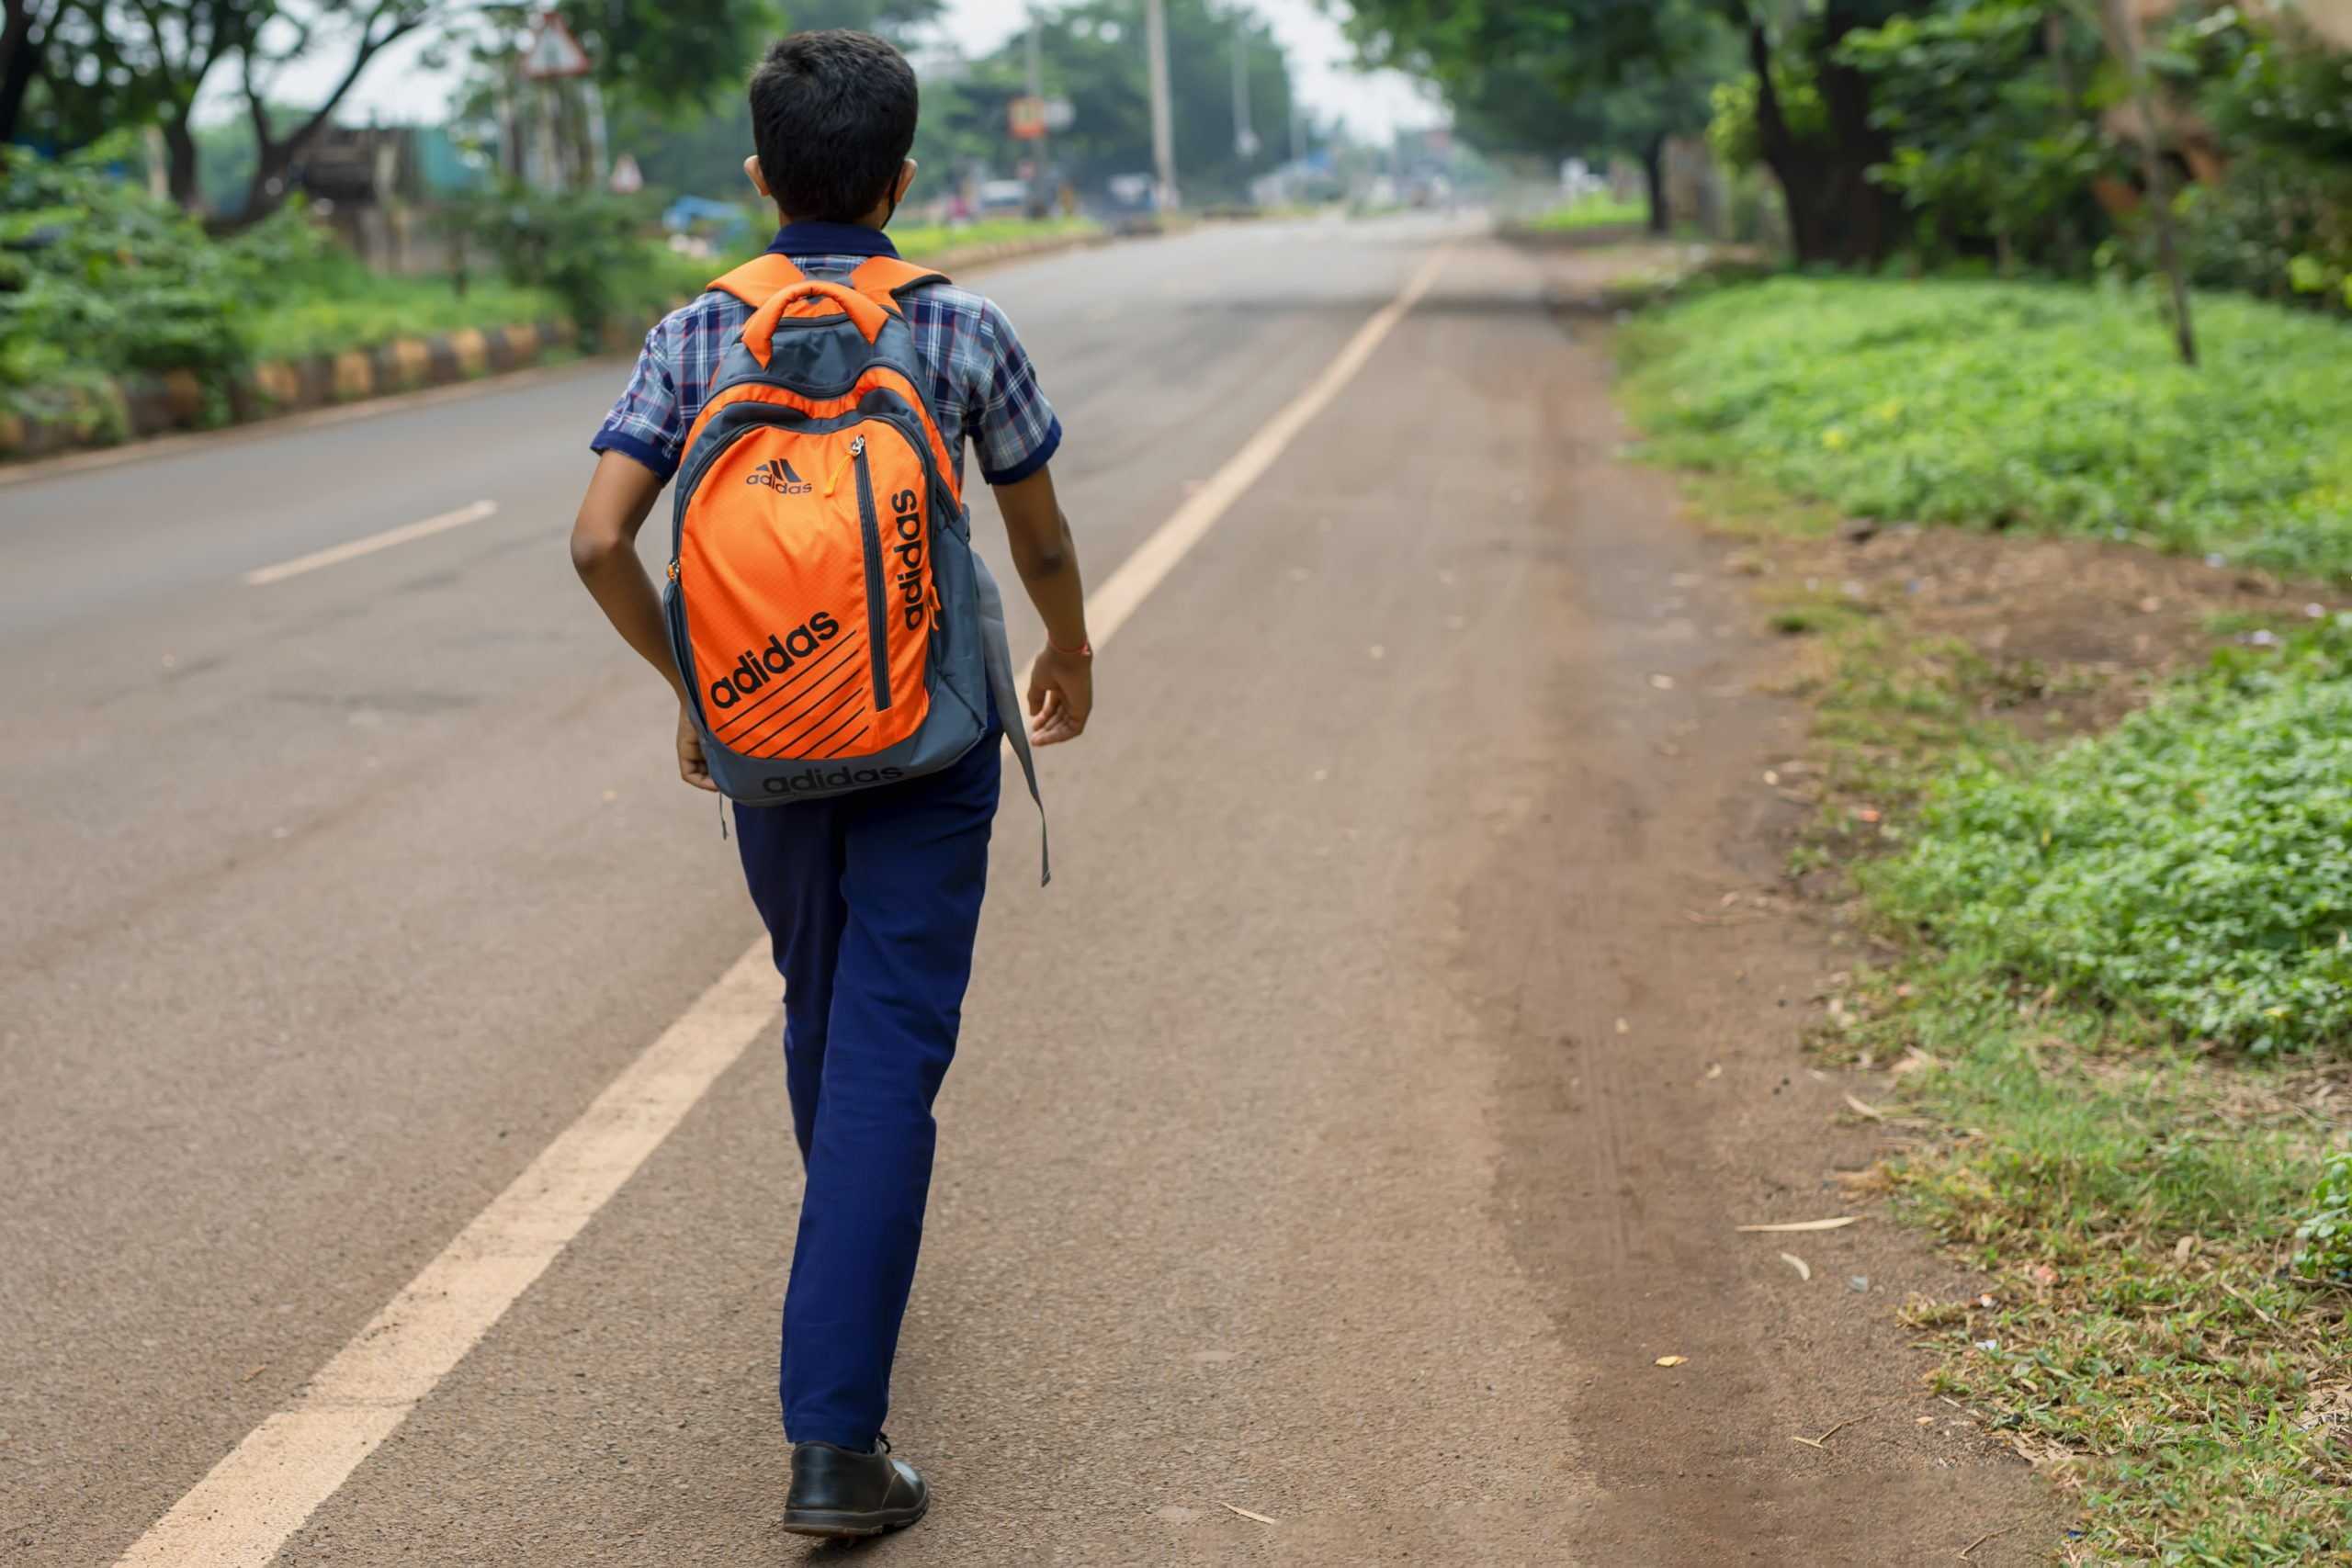 Boy walking on road